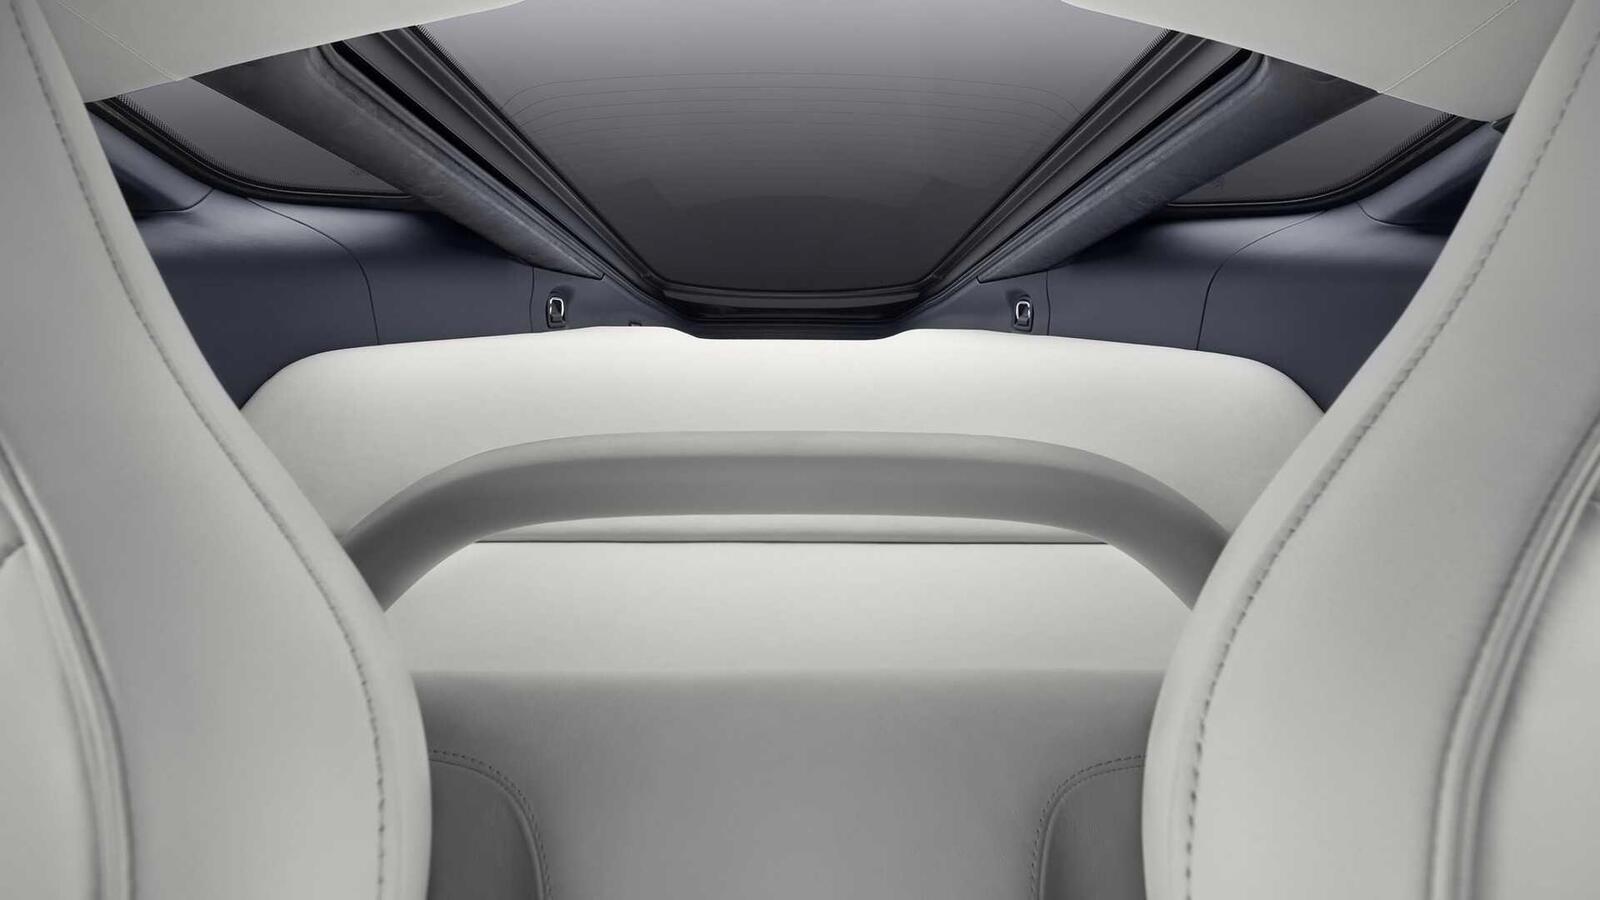 McLaren giới thiệu siêu xe GT 2020 hoàn toàn mới: Động cơ mạnh mẽ và cabin thoải mái - Hình 10